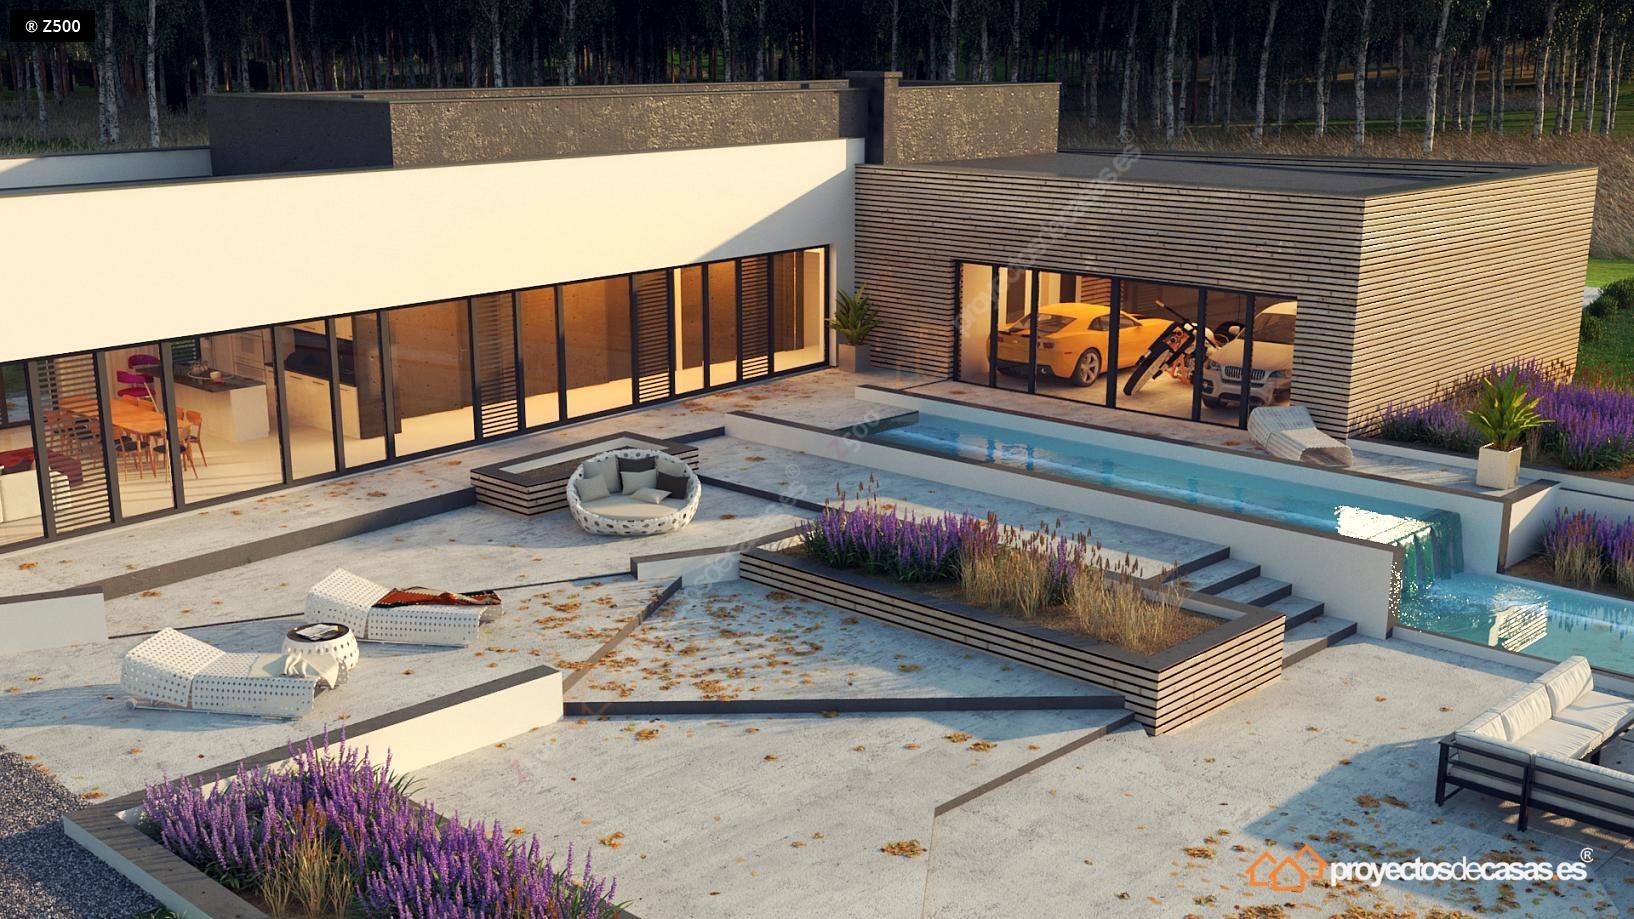 Casa moderna roca llisa con piscina y garaje a la vista - Casas de madera con piscina ...